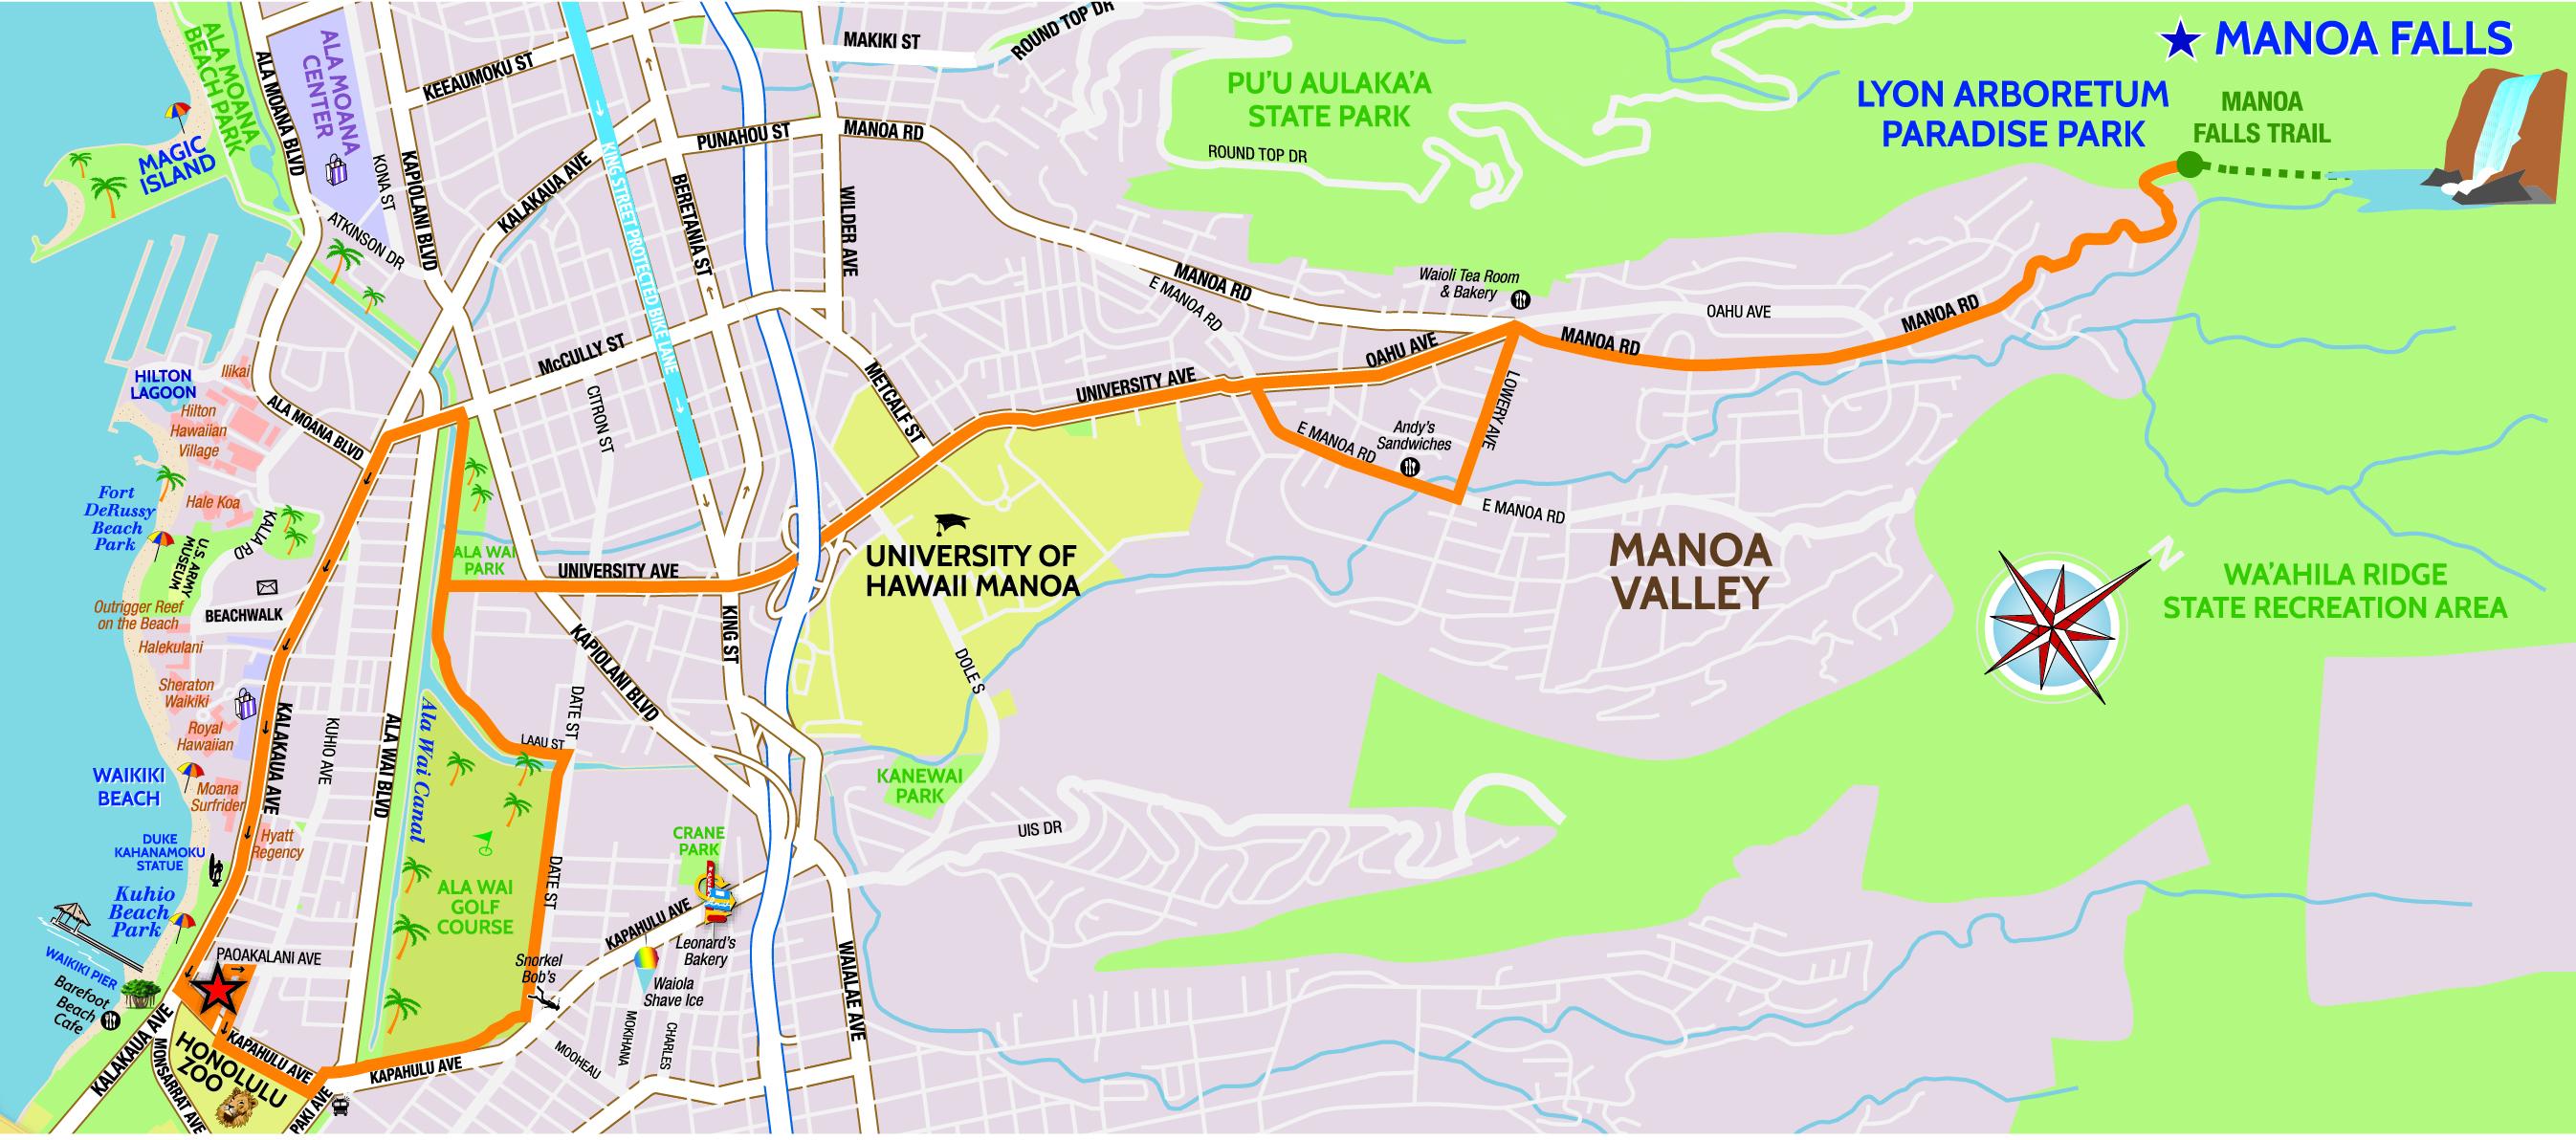 manoa-falls-map